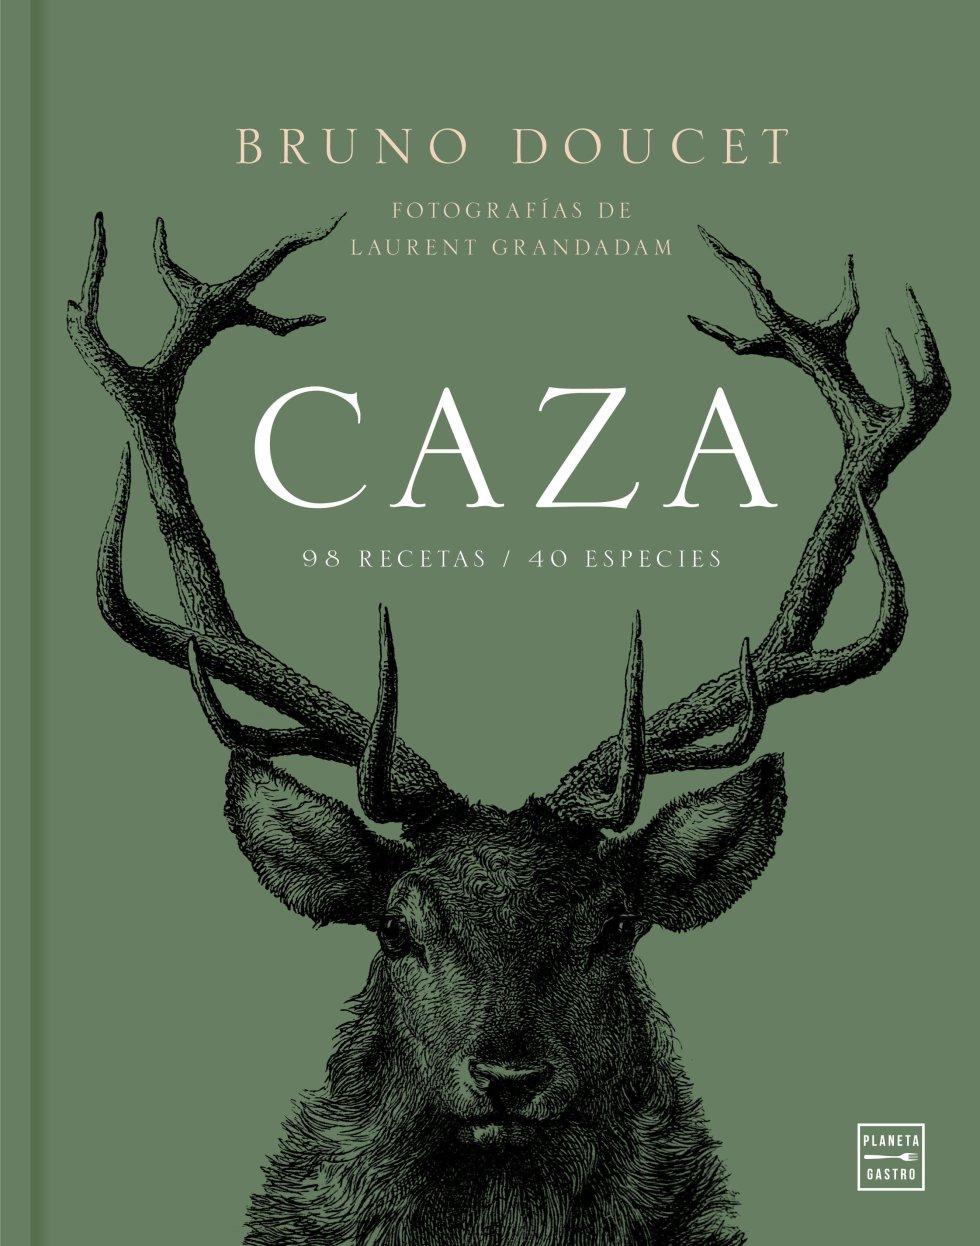 Bruno Doucet cocina de la caza